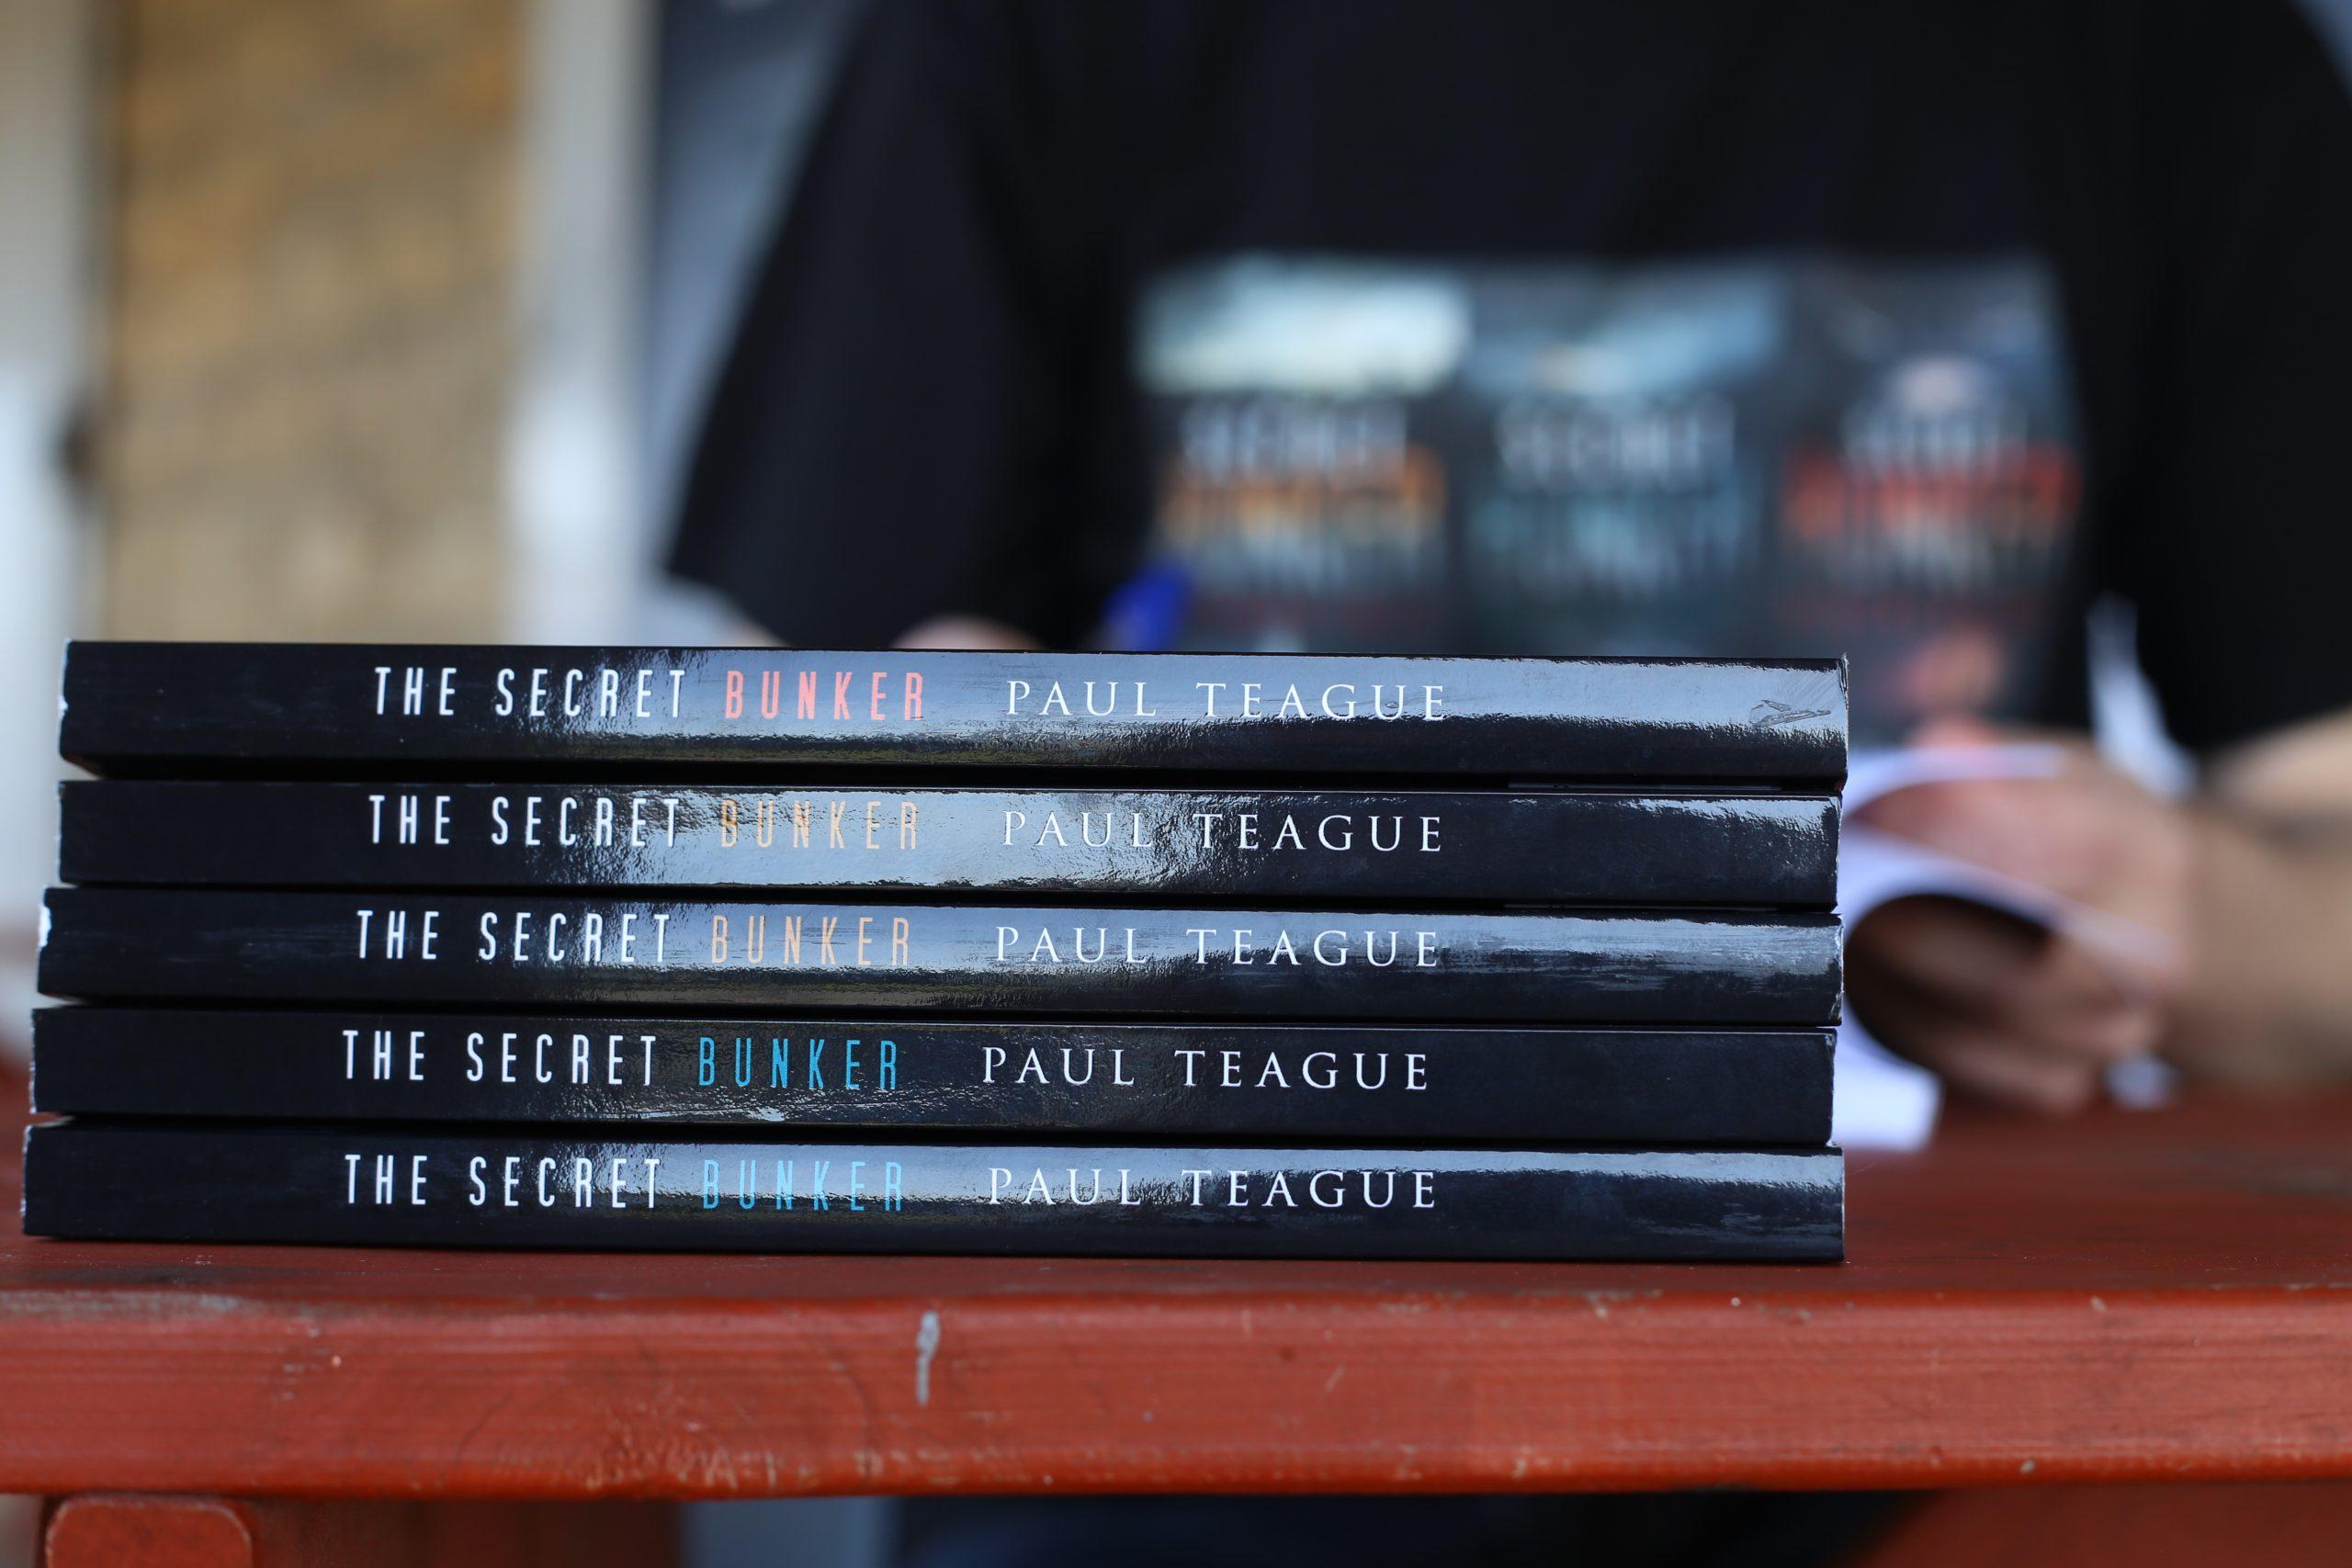 paul-teague-the-secret-bunker-signing1 - Copy